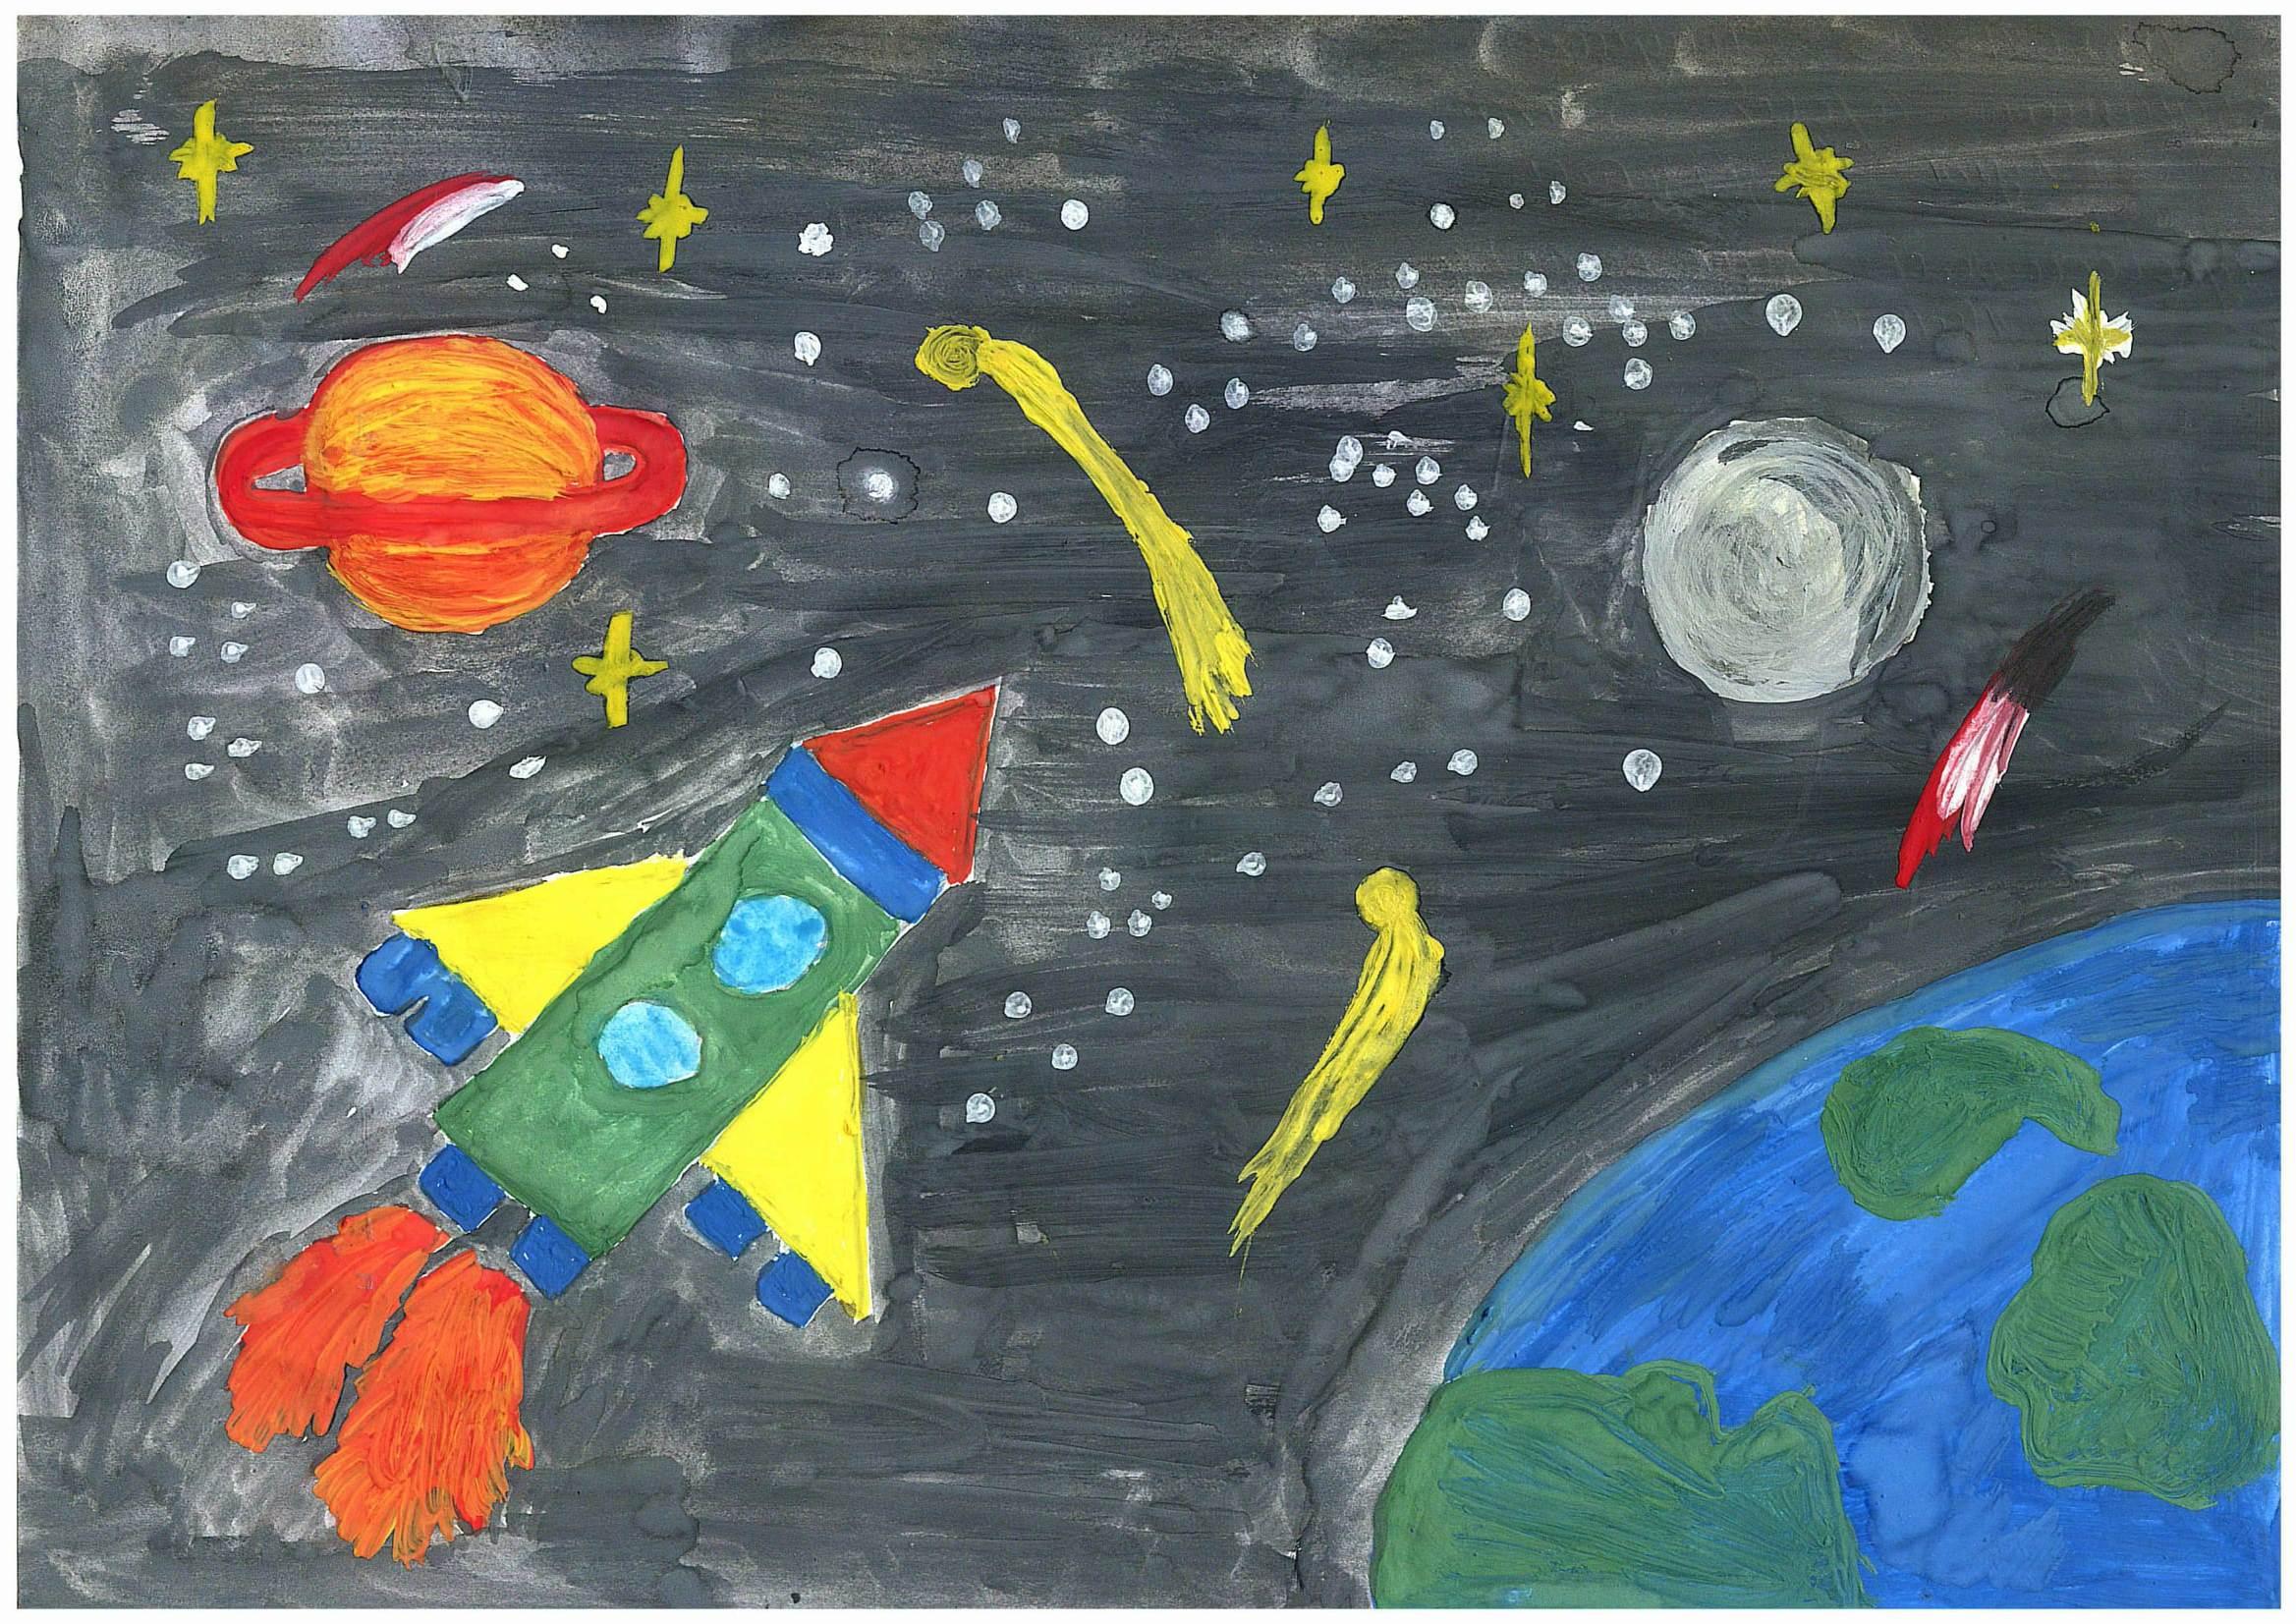 Поделки на тему космос - конкурс к Дню космонавтики 2018 33